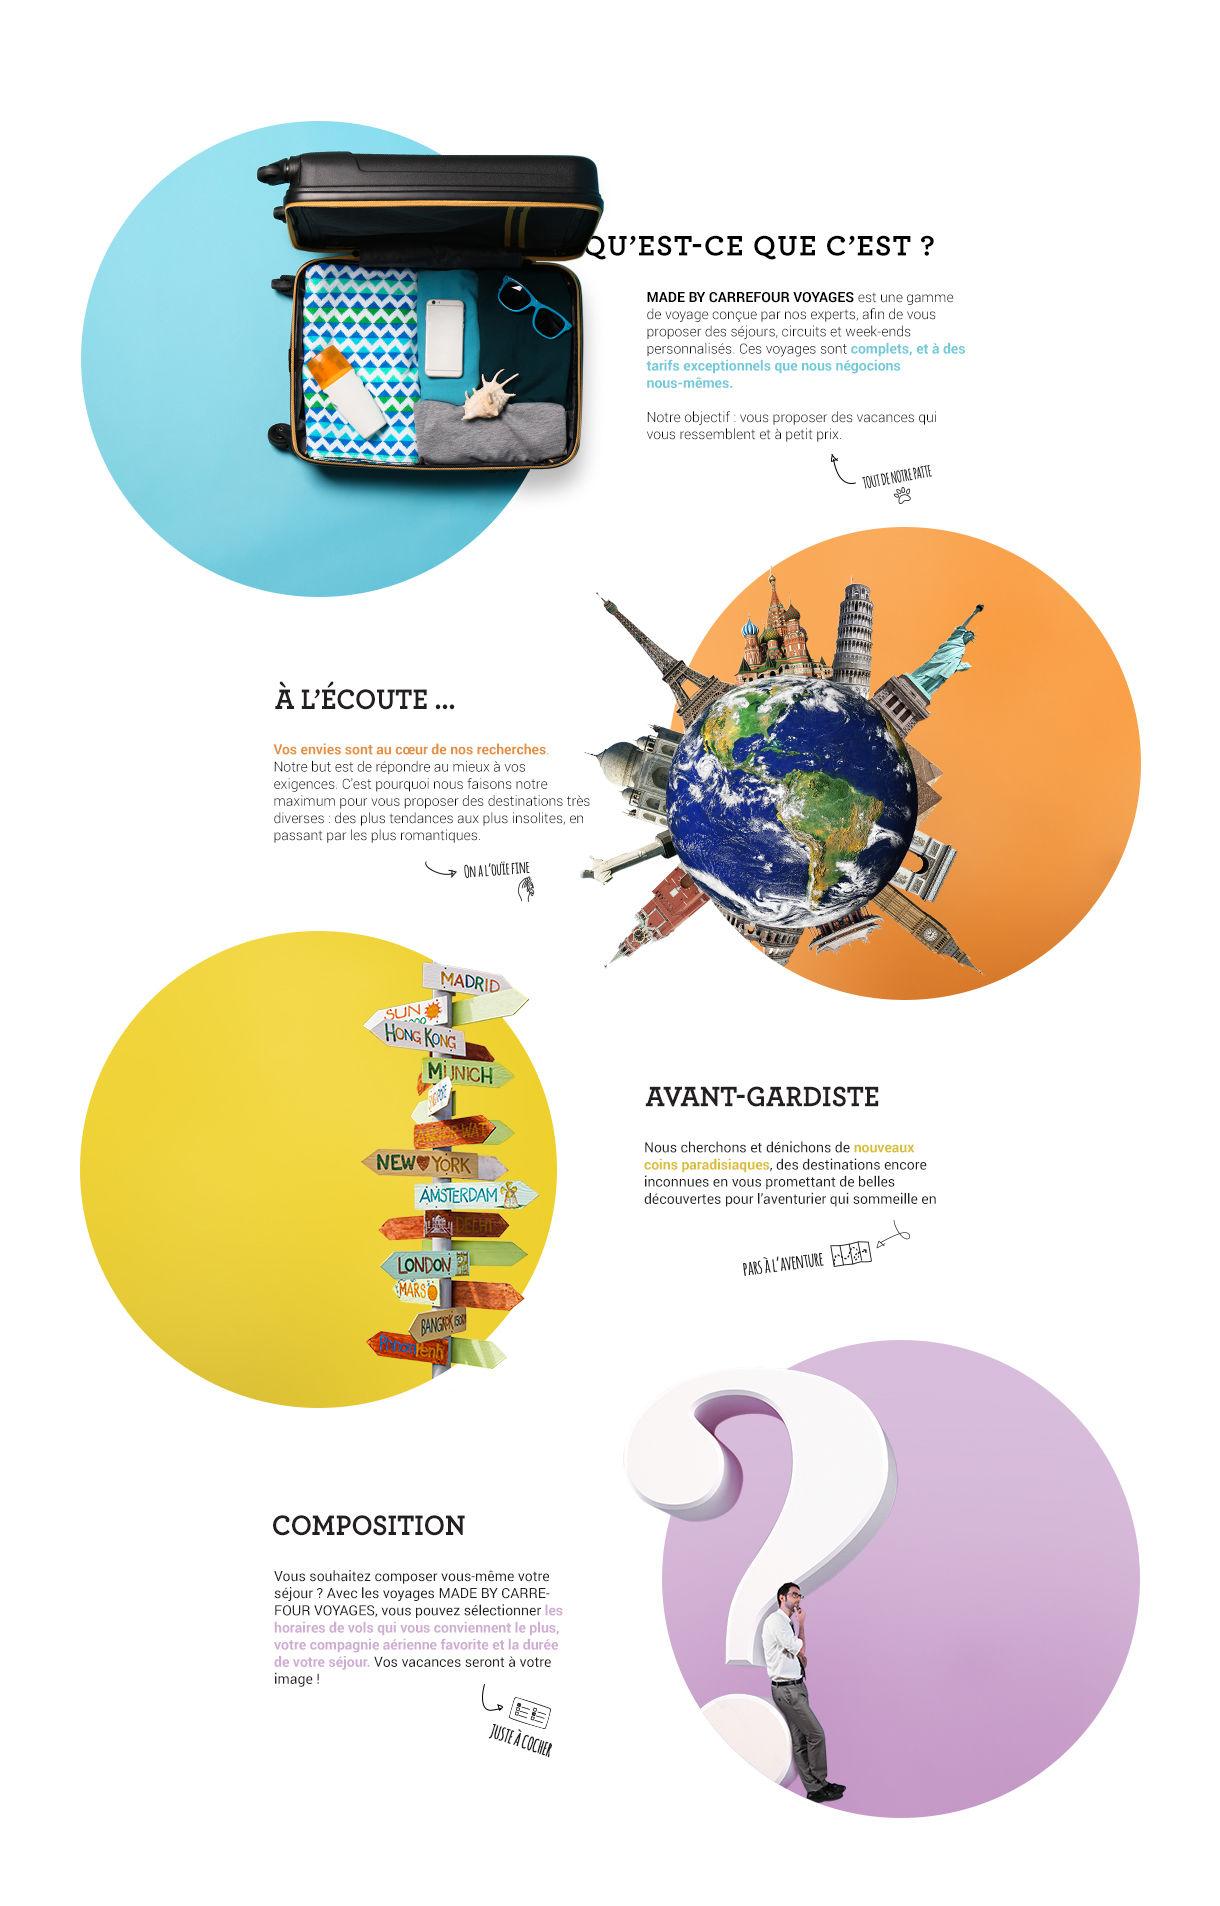 Qu'est-ce que les voyages Made by Carrefour Voyages ?